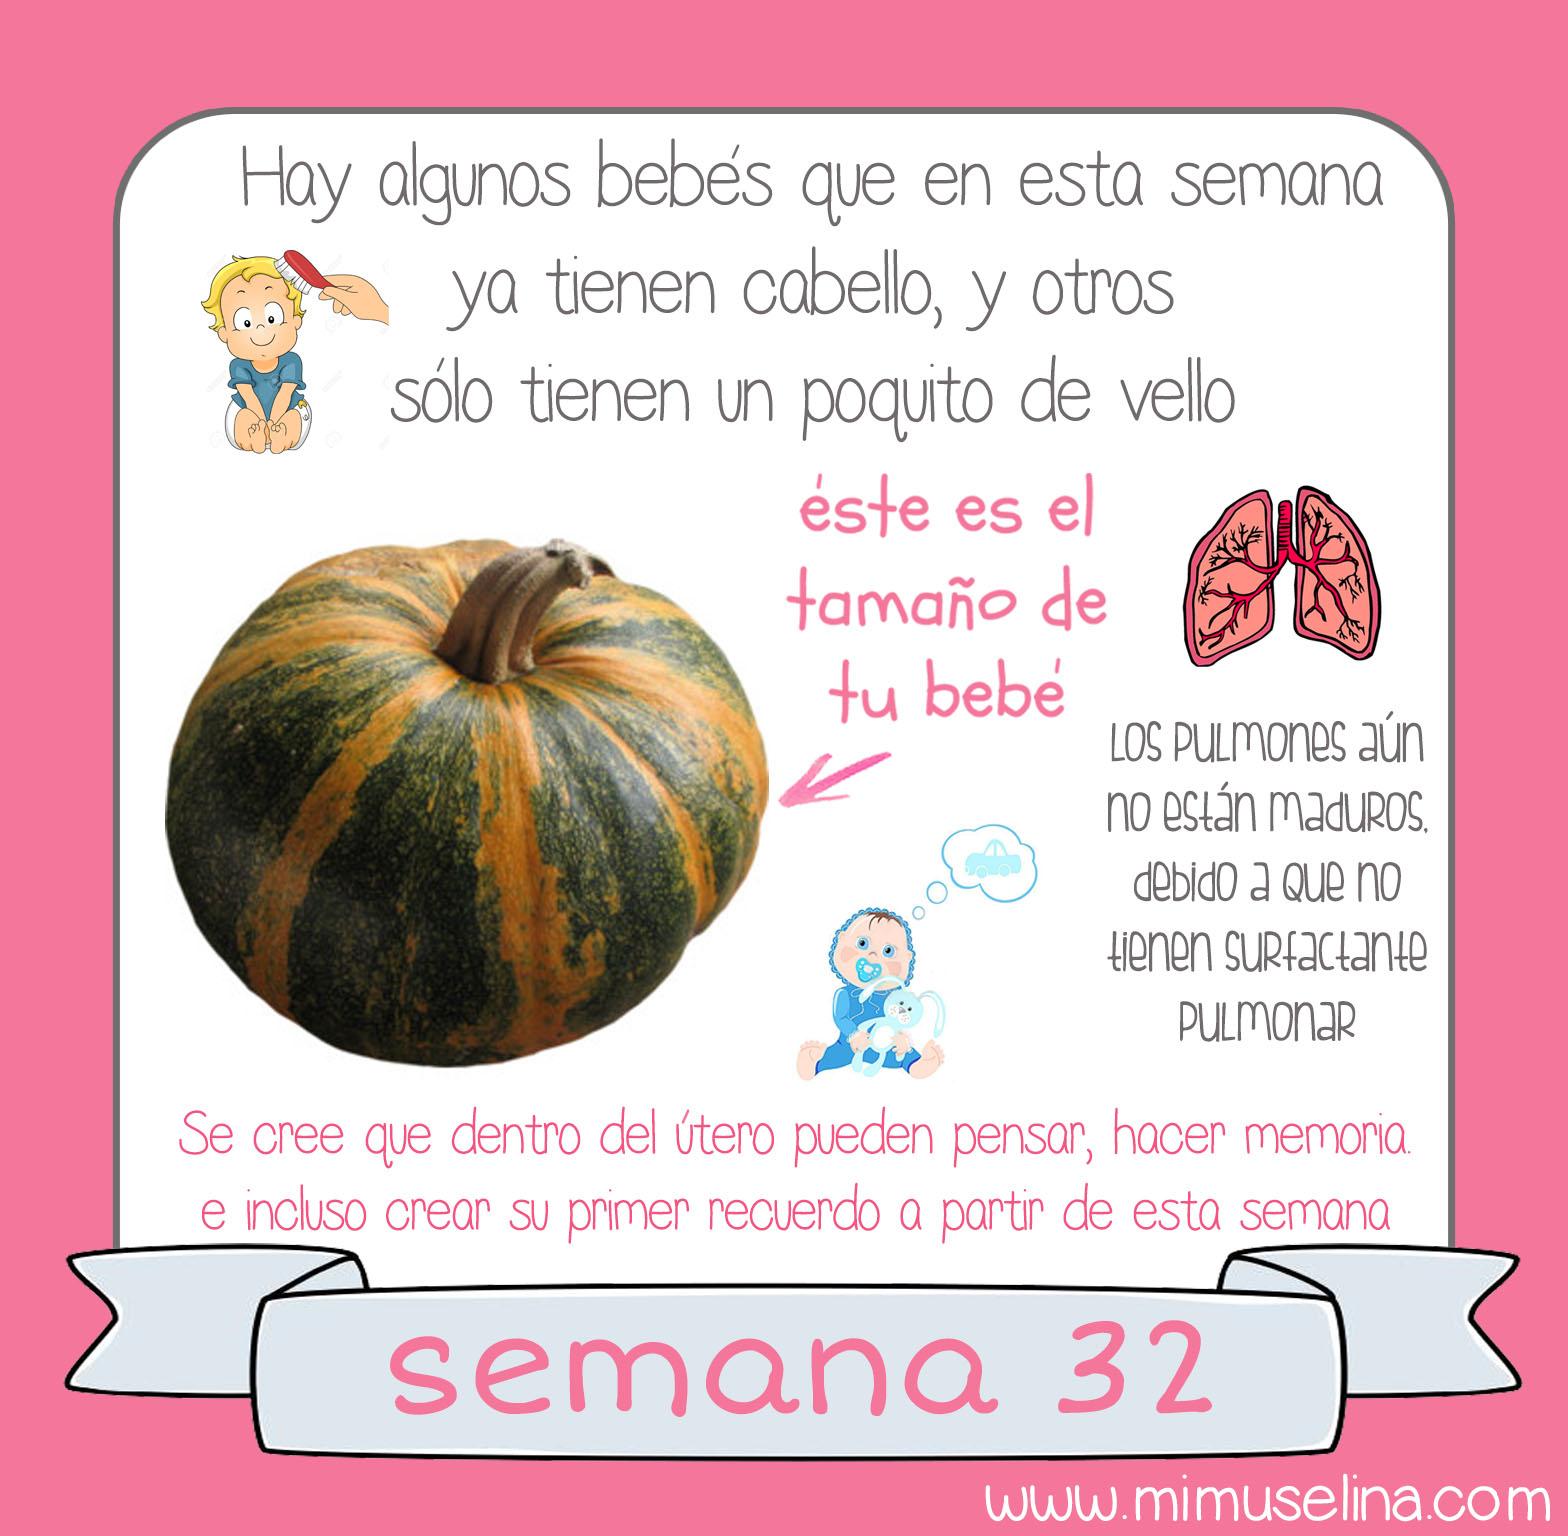 Bebeblog by mimuselina semana 32 embarazo tama o y evoluci n del beb mimuselina - Cuanto debe pesar un bebe de 5 meses ...